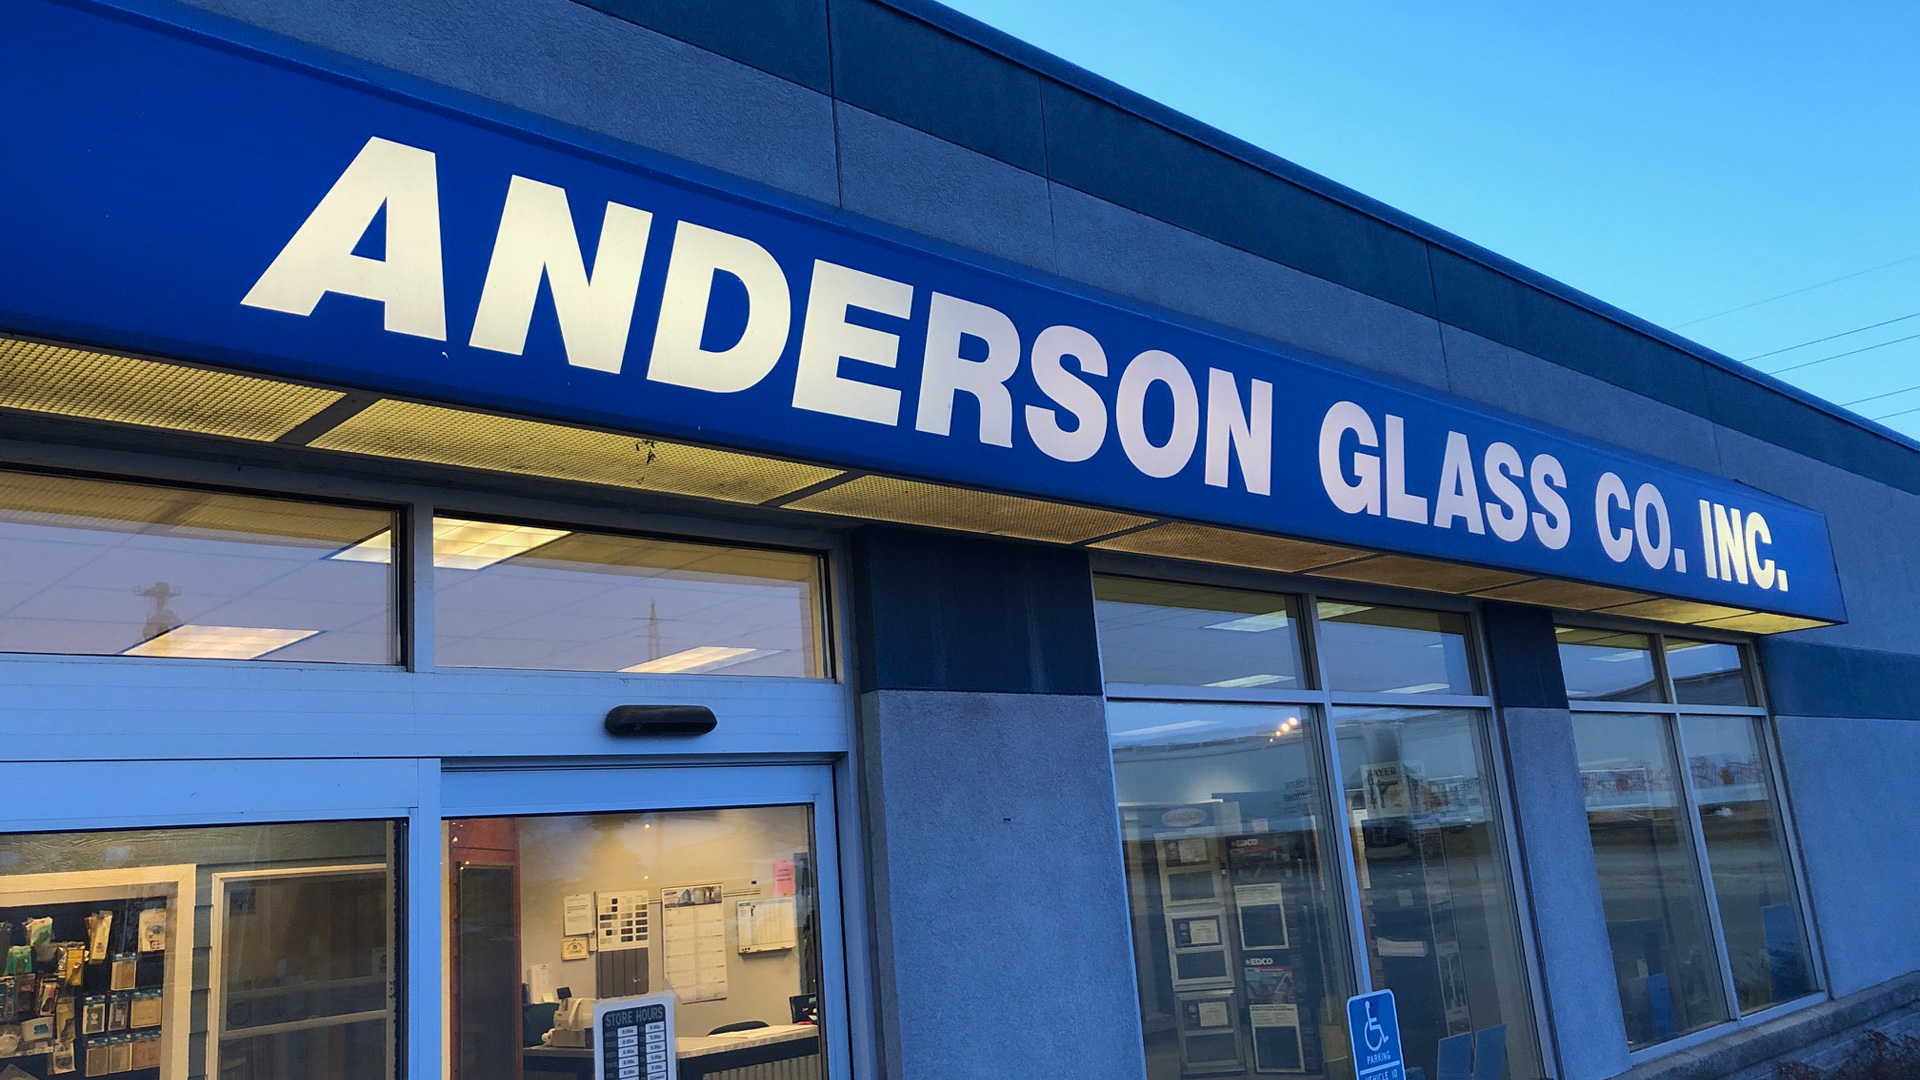 Anderson Glass Company